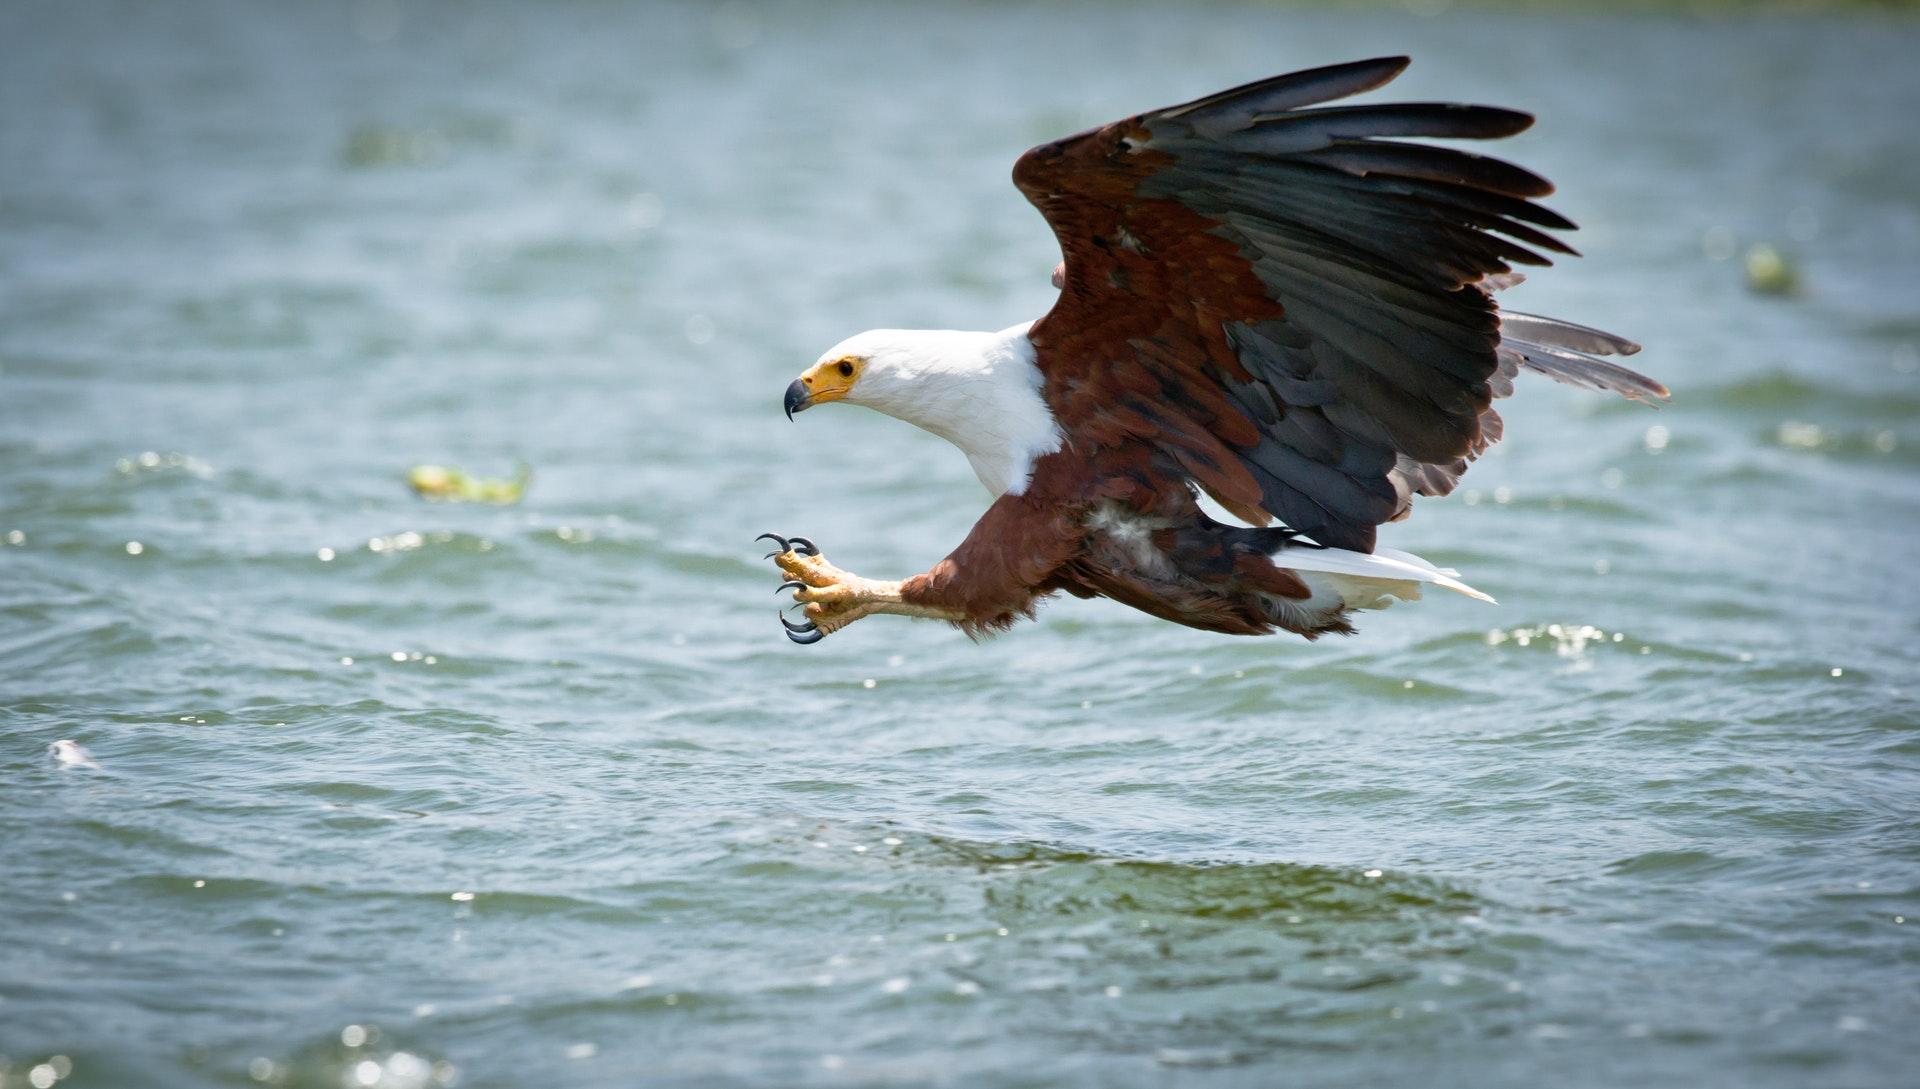 Sonhar com águia gigante significa insegurança.